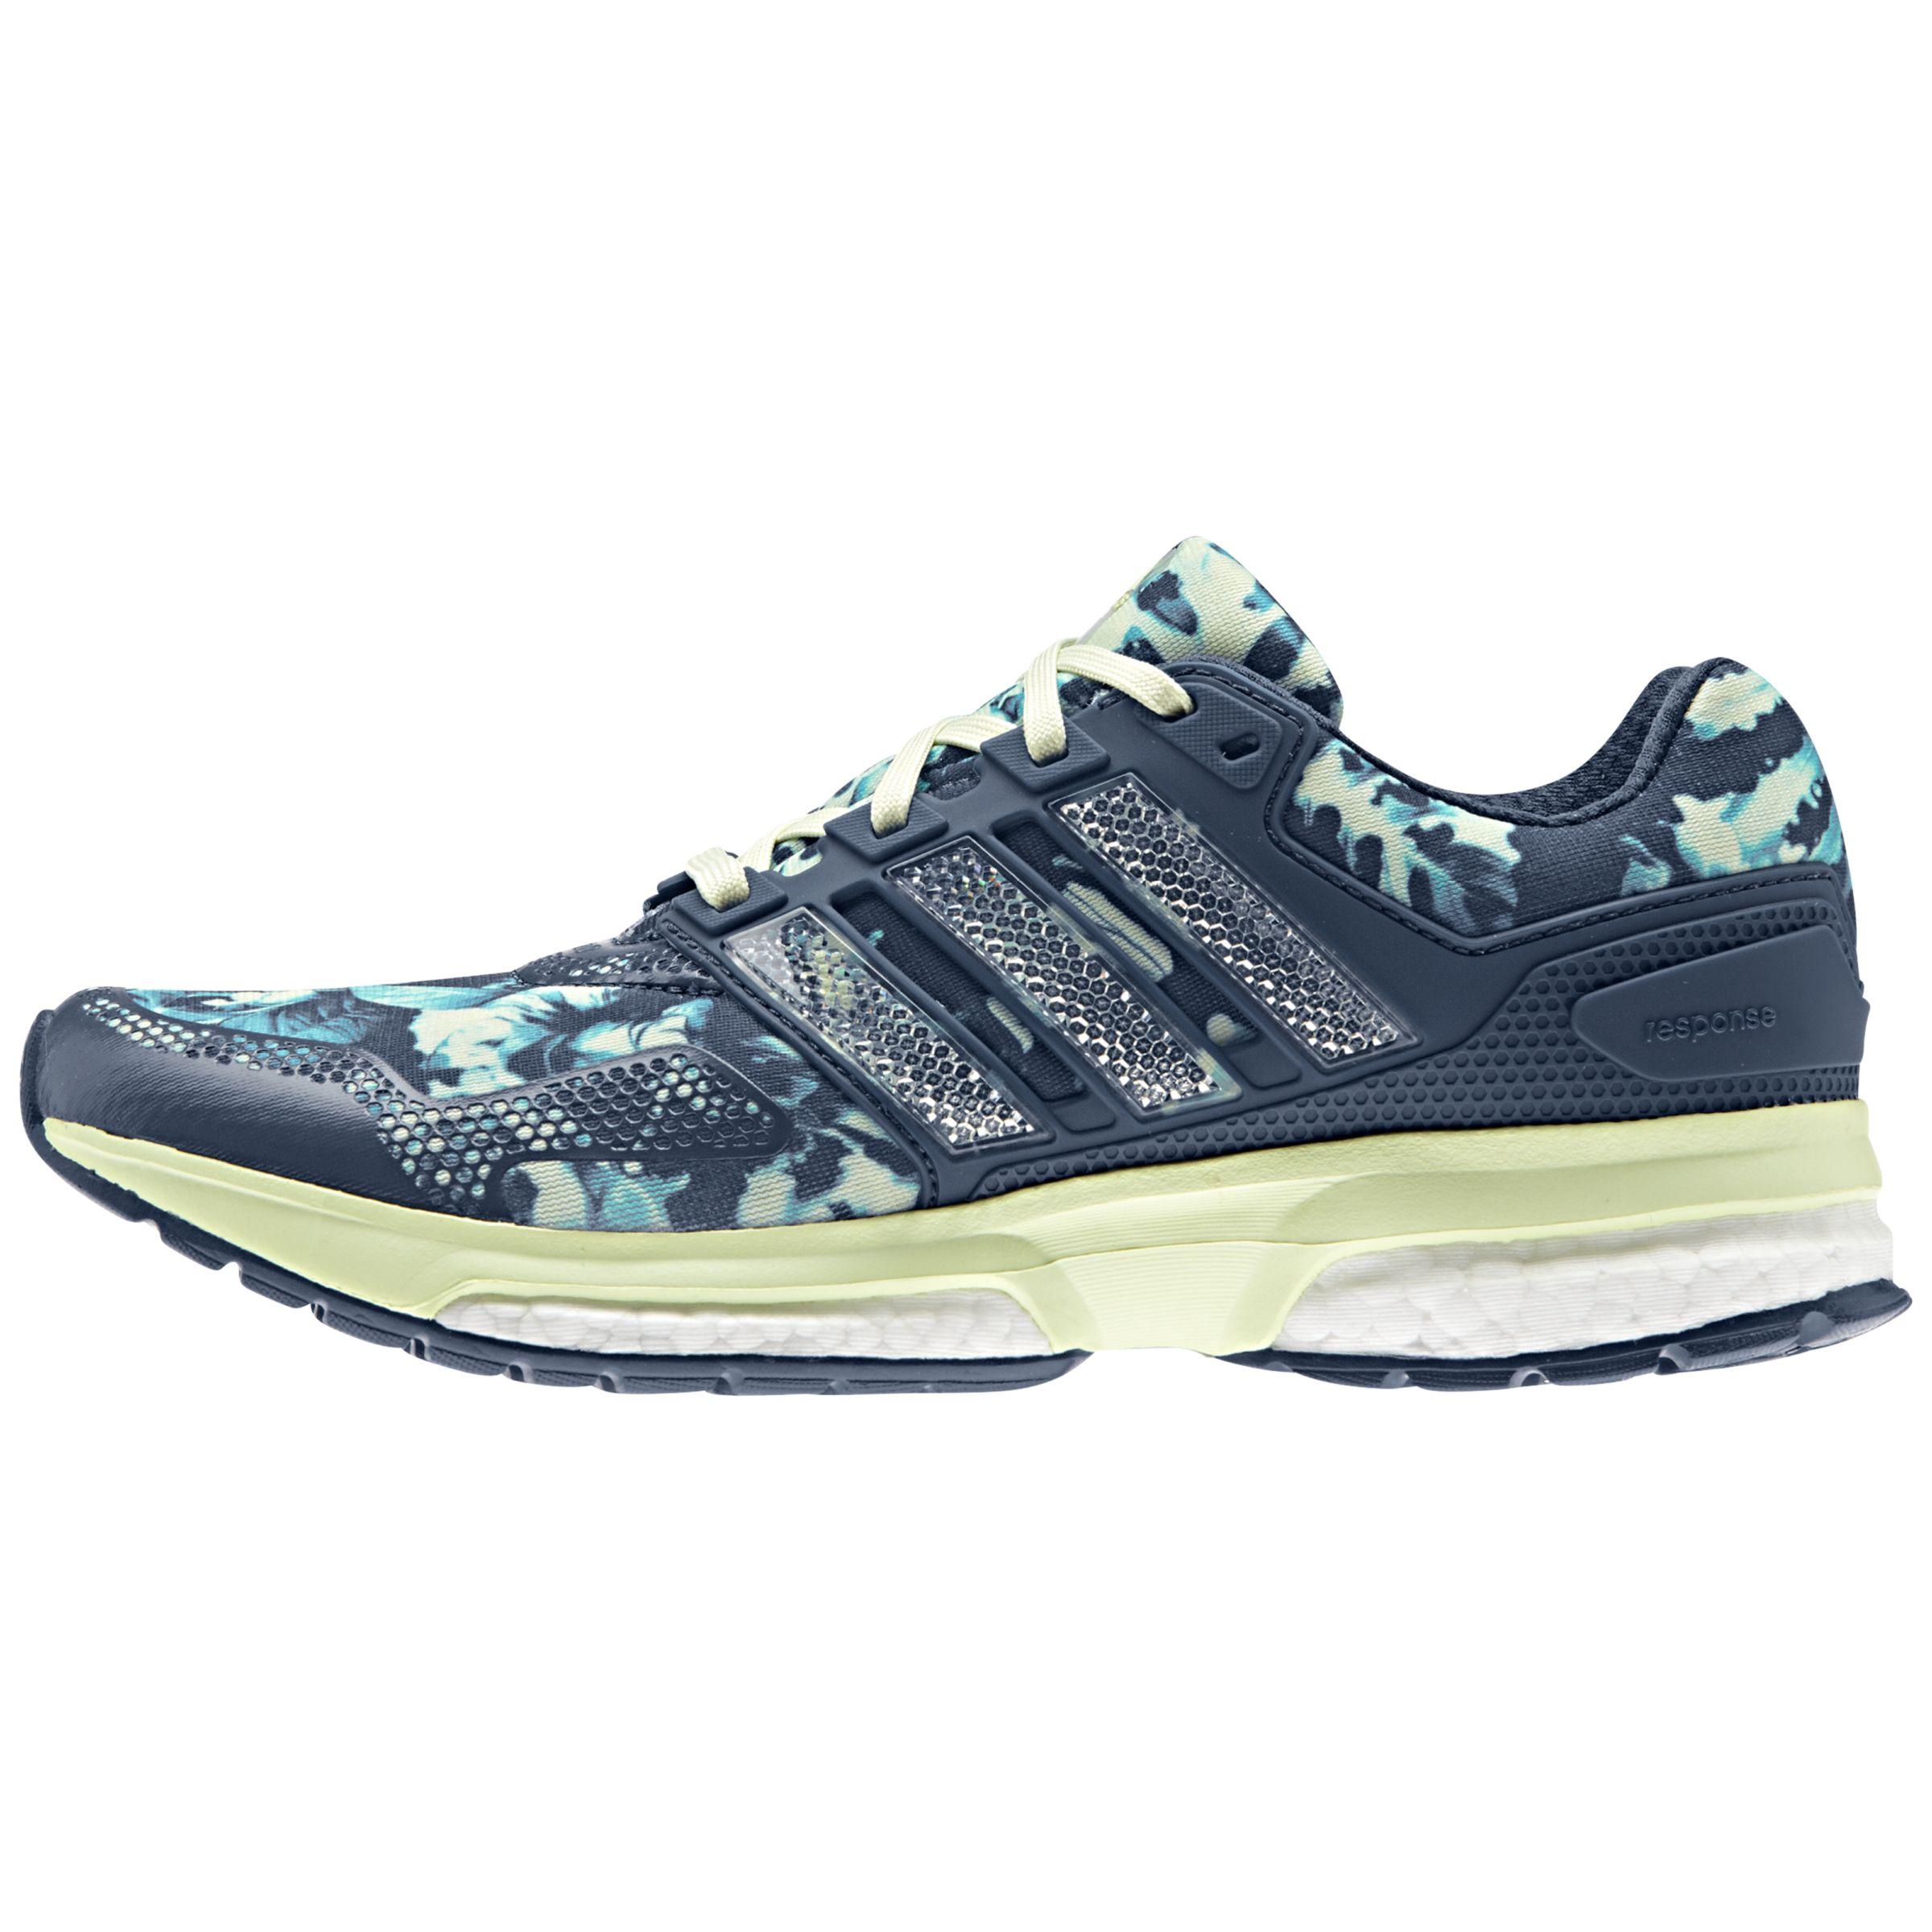 584b5969f33c59 Adidas Response 2 Graphic Women s Running Shoes